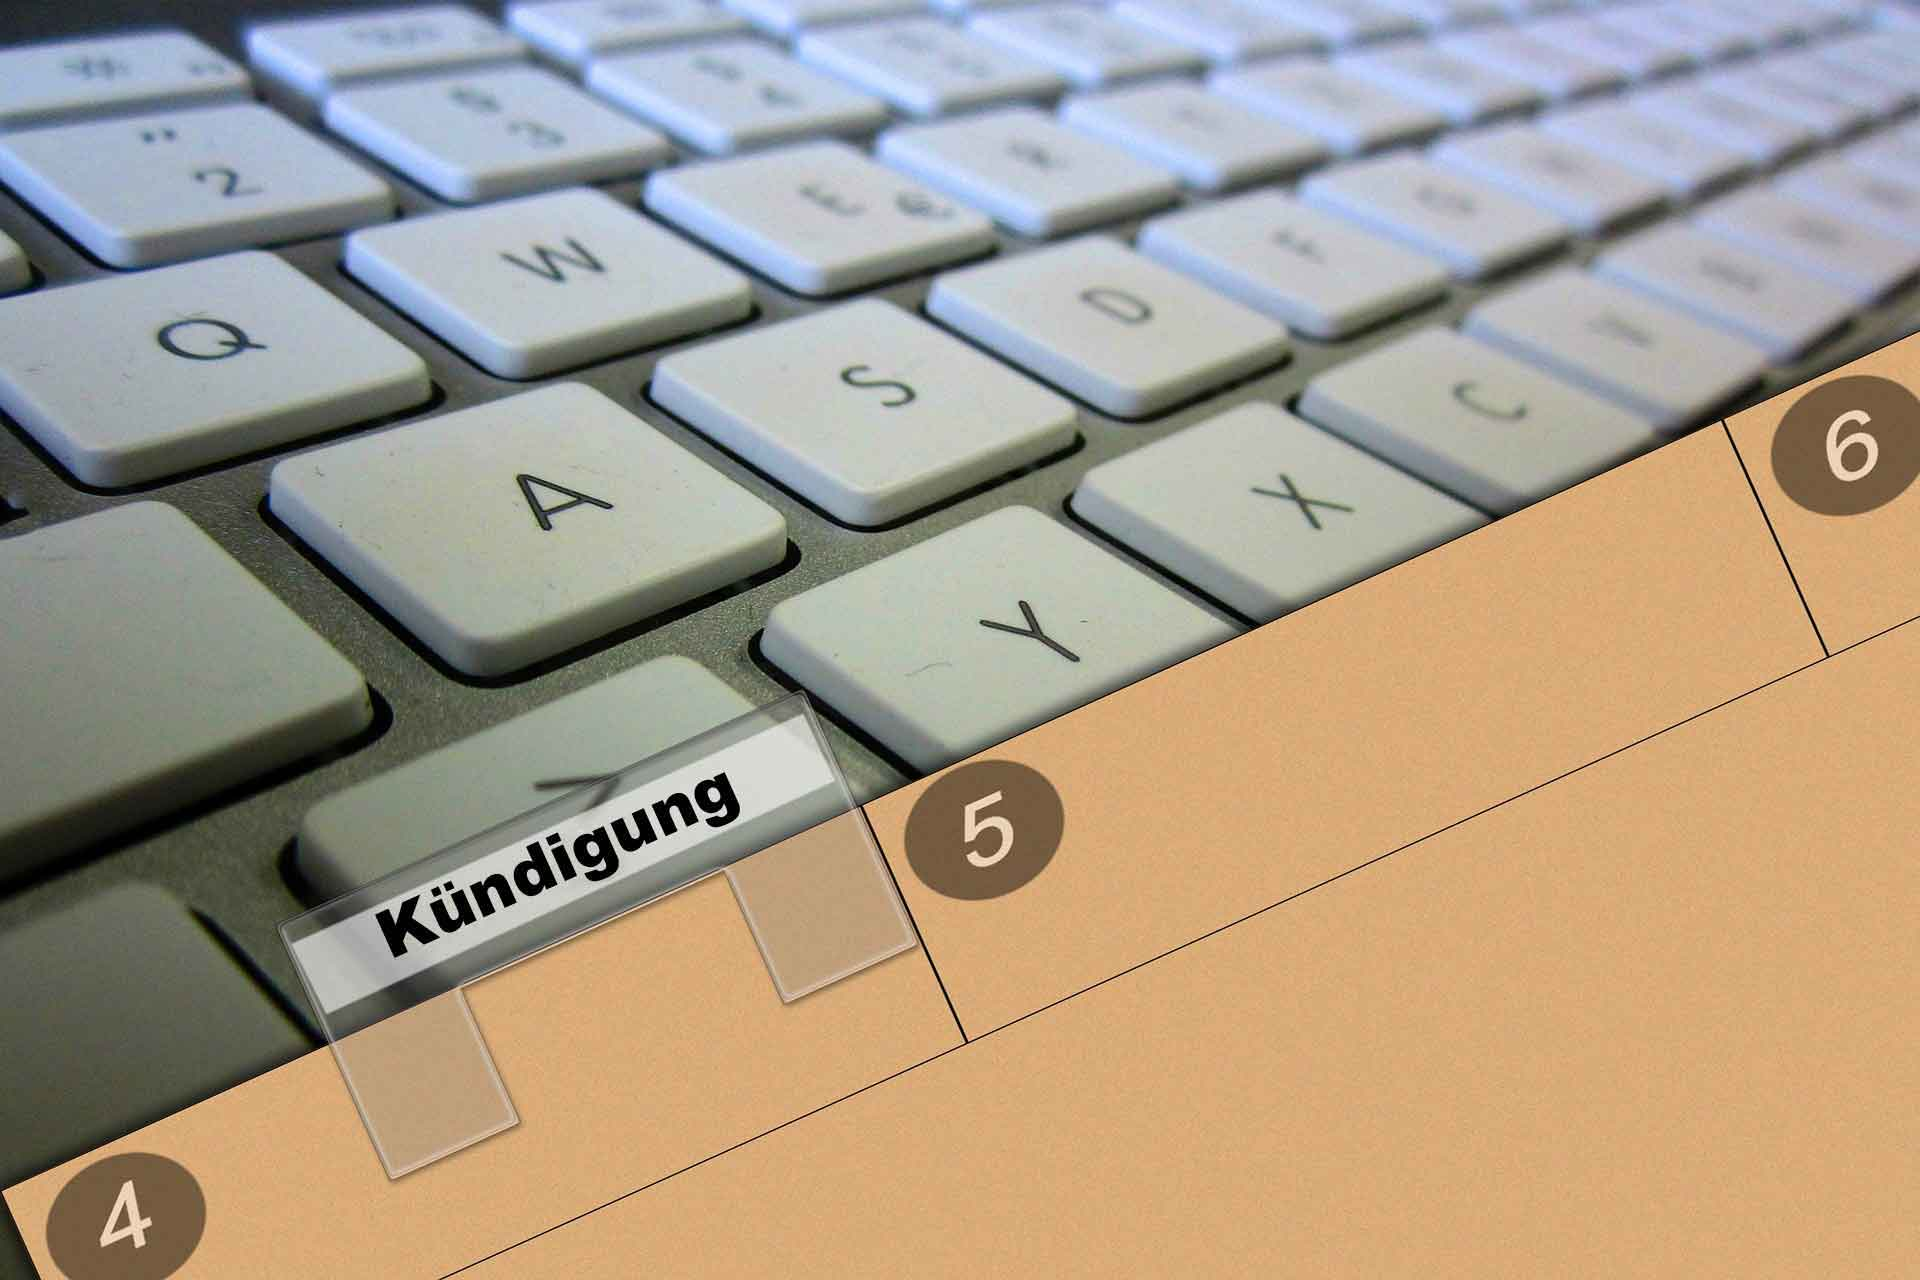 Kündigung: Alles über Fristen, Dokumente und wie es weiter geht! copyright: pixabay.com